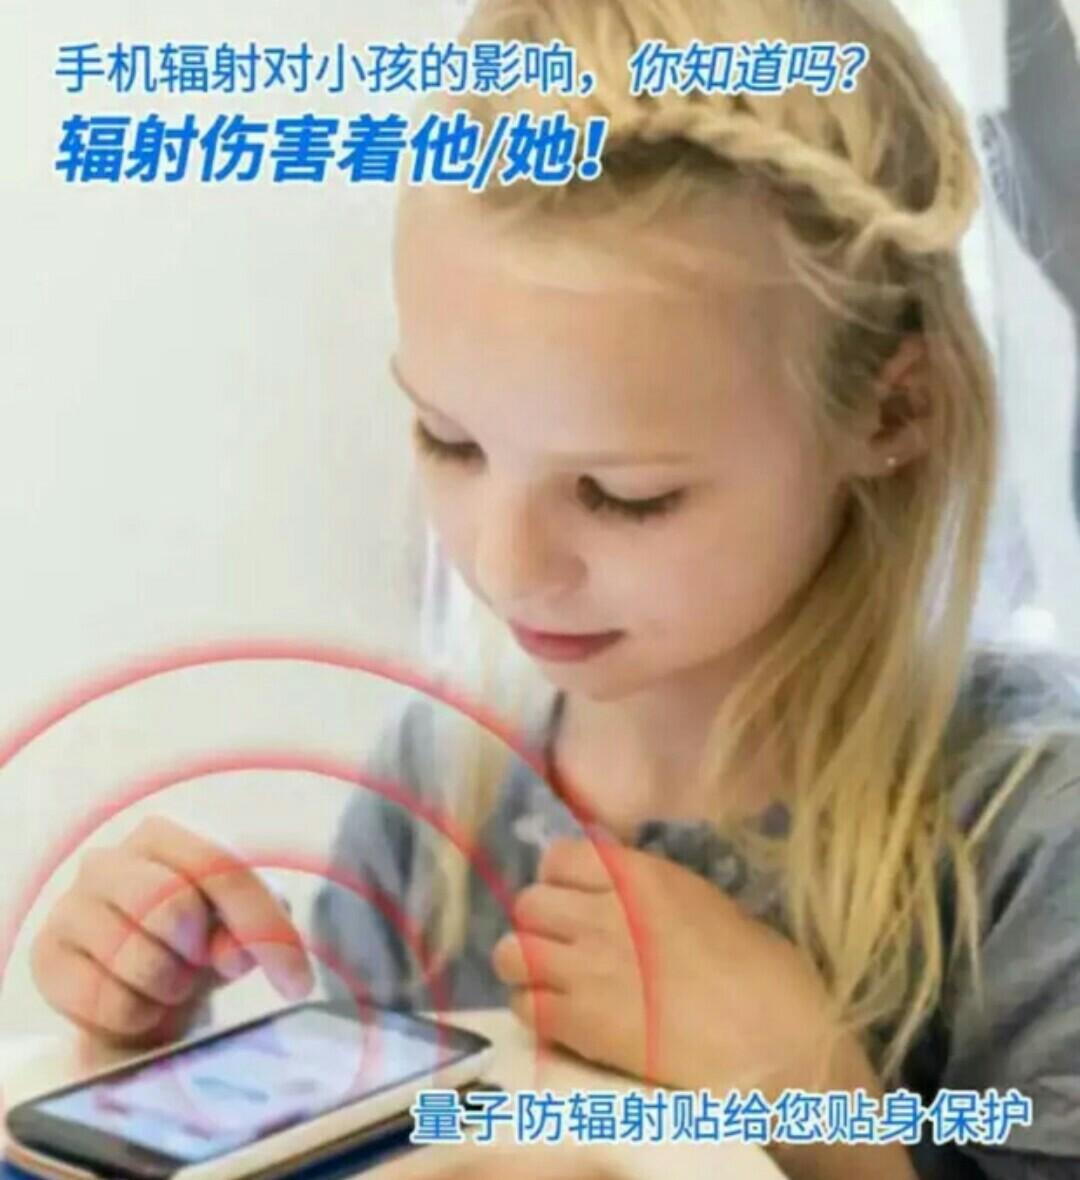 量子能量手机芯片灸植入防辐射贴增加平衡上班族孕妇负离子电脑